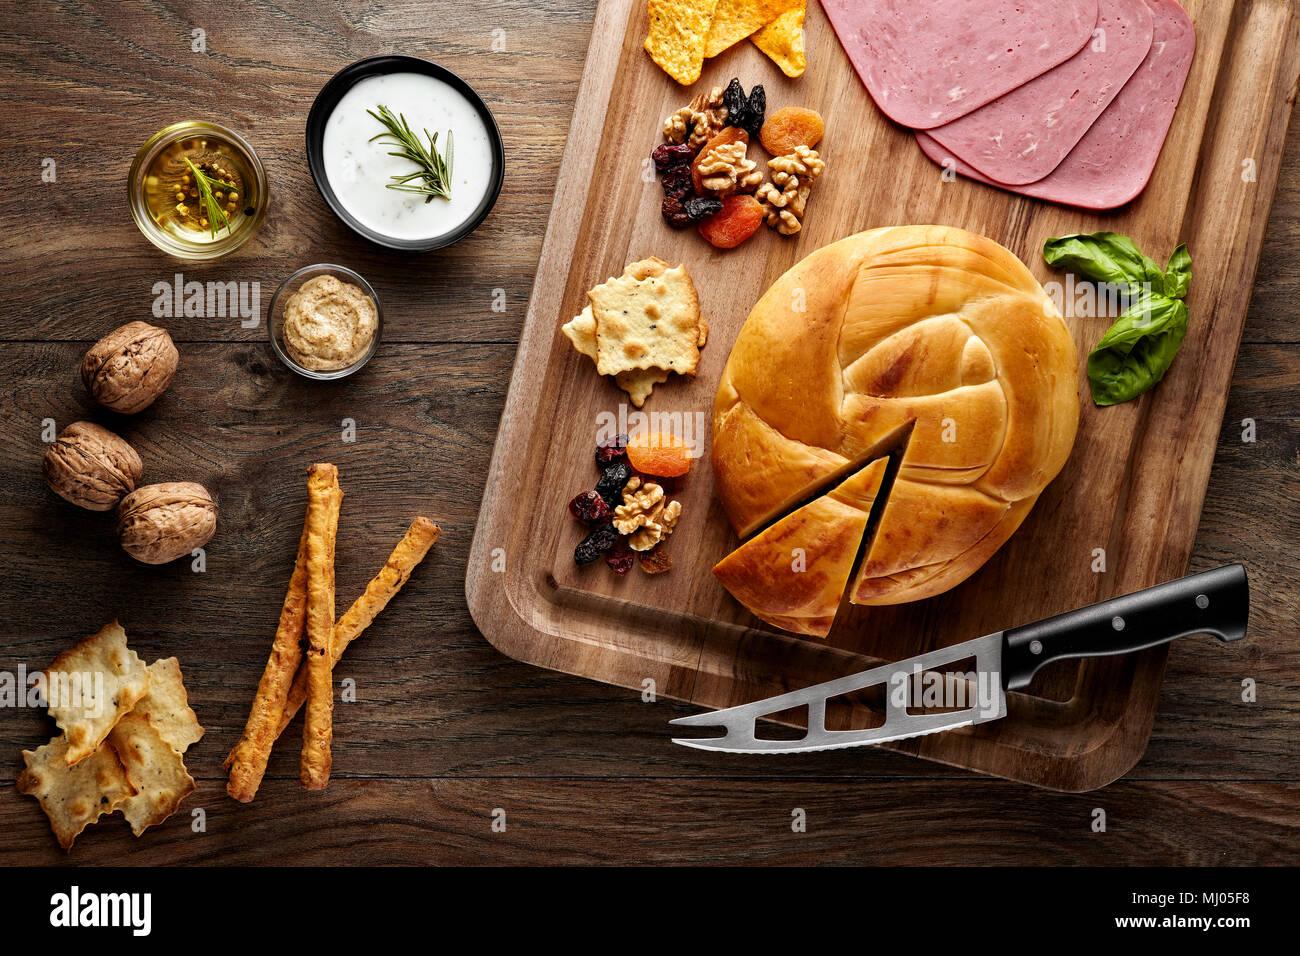 Fromage fumé turque sur une table en bois décoré avec des accessoires de planche à découper en bois, couteau à fromage, noix, fruits secs, jambon et de l'huile d'olive Photo Stock